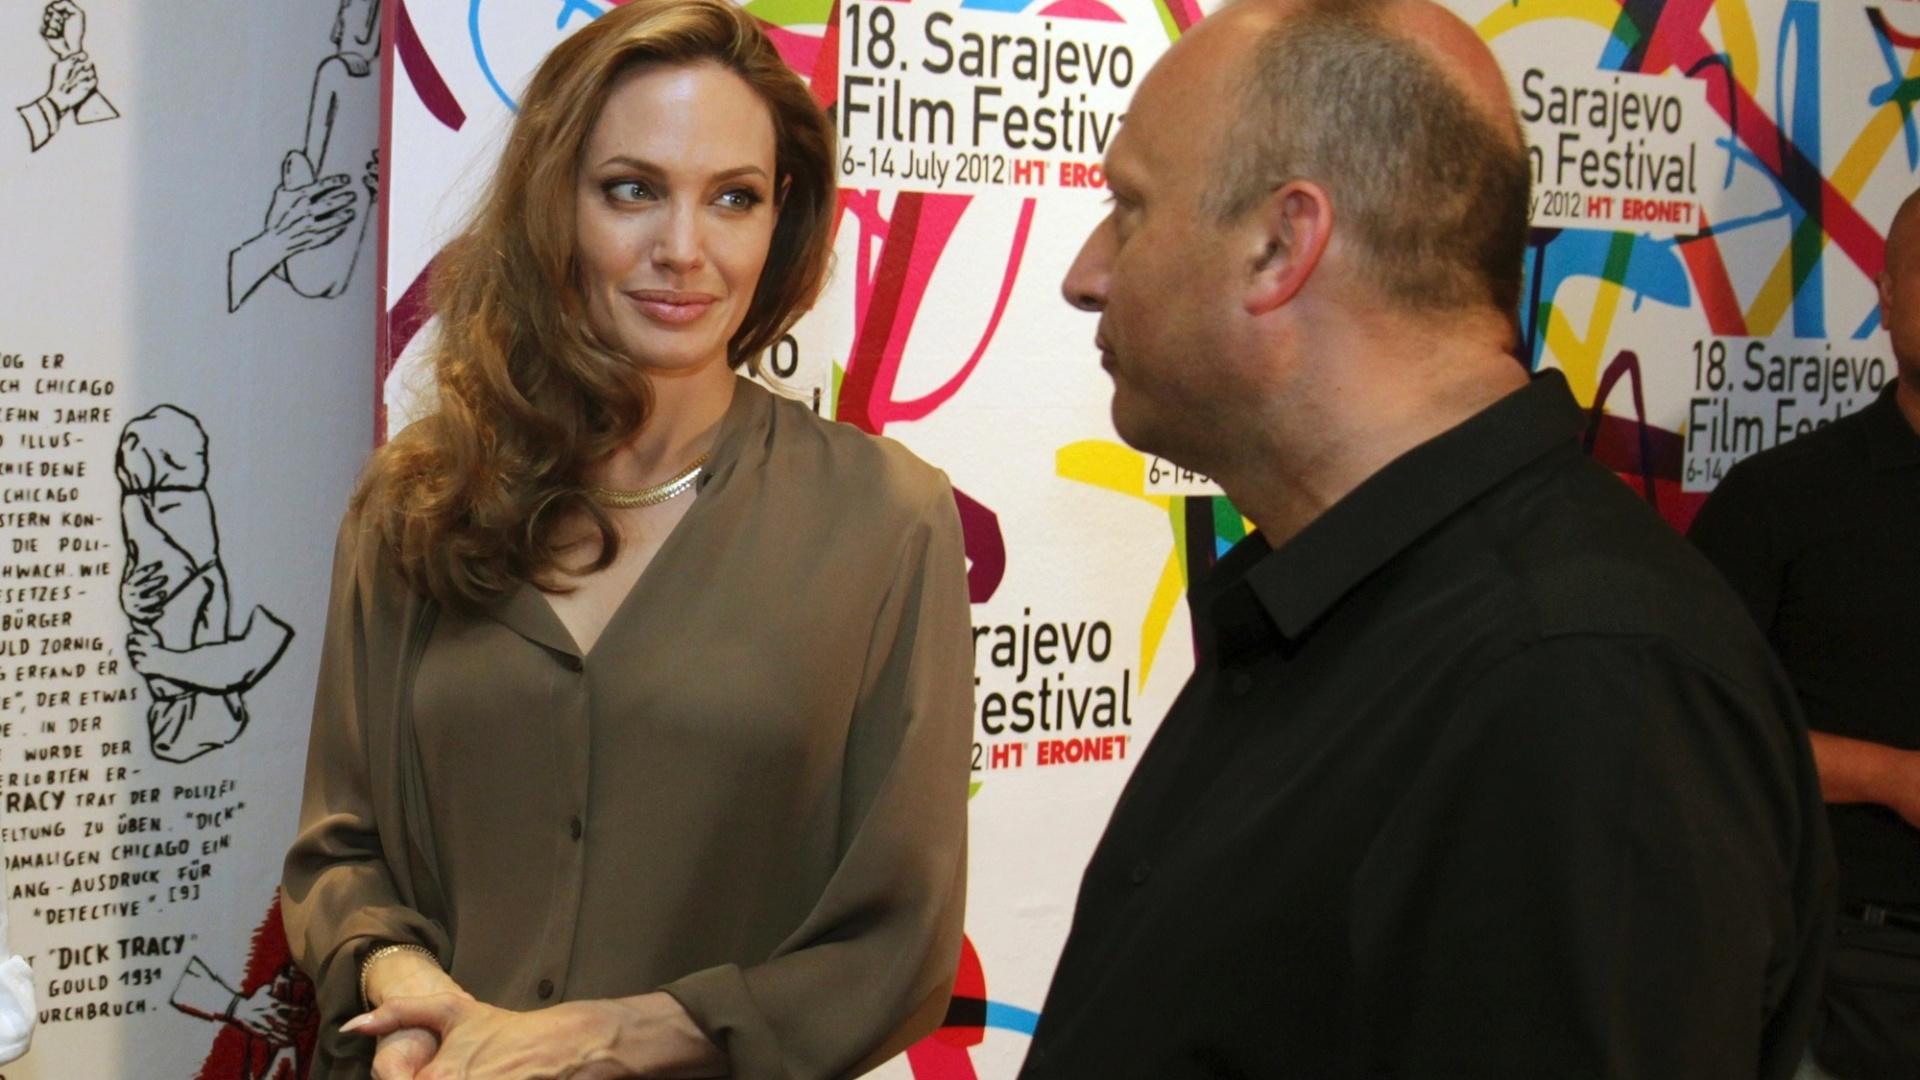 Angelina Jolie conversa com o diretor Mirsad Purivatra, no 18º Sarajevo Film Festival, na Bósnia (7/7/12)